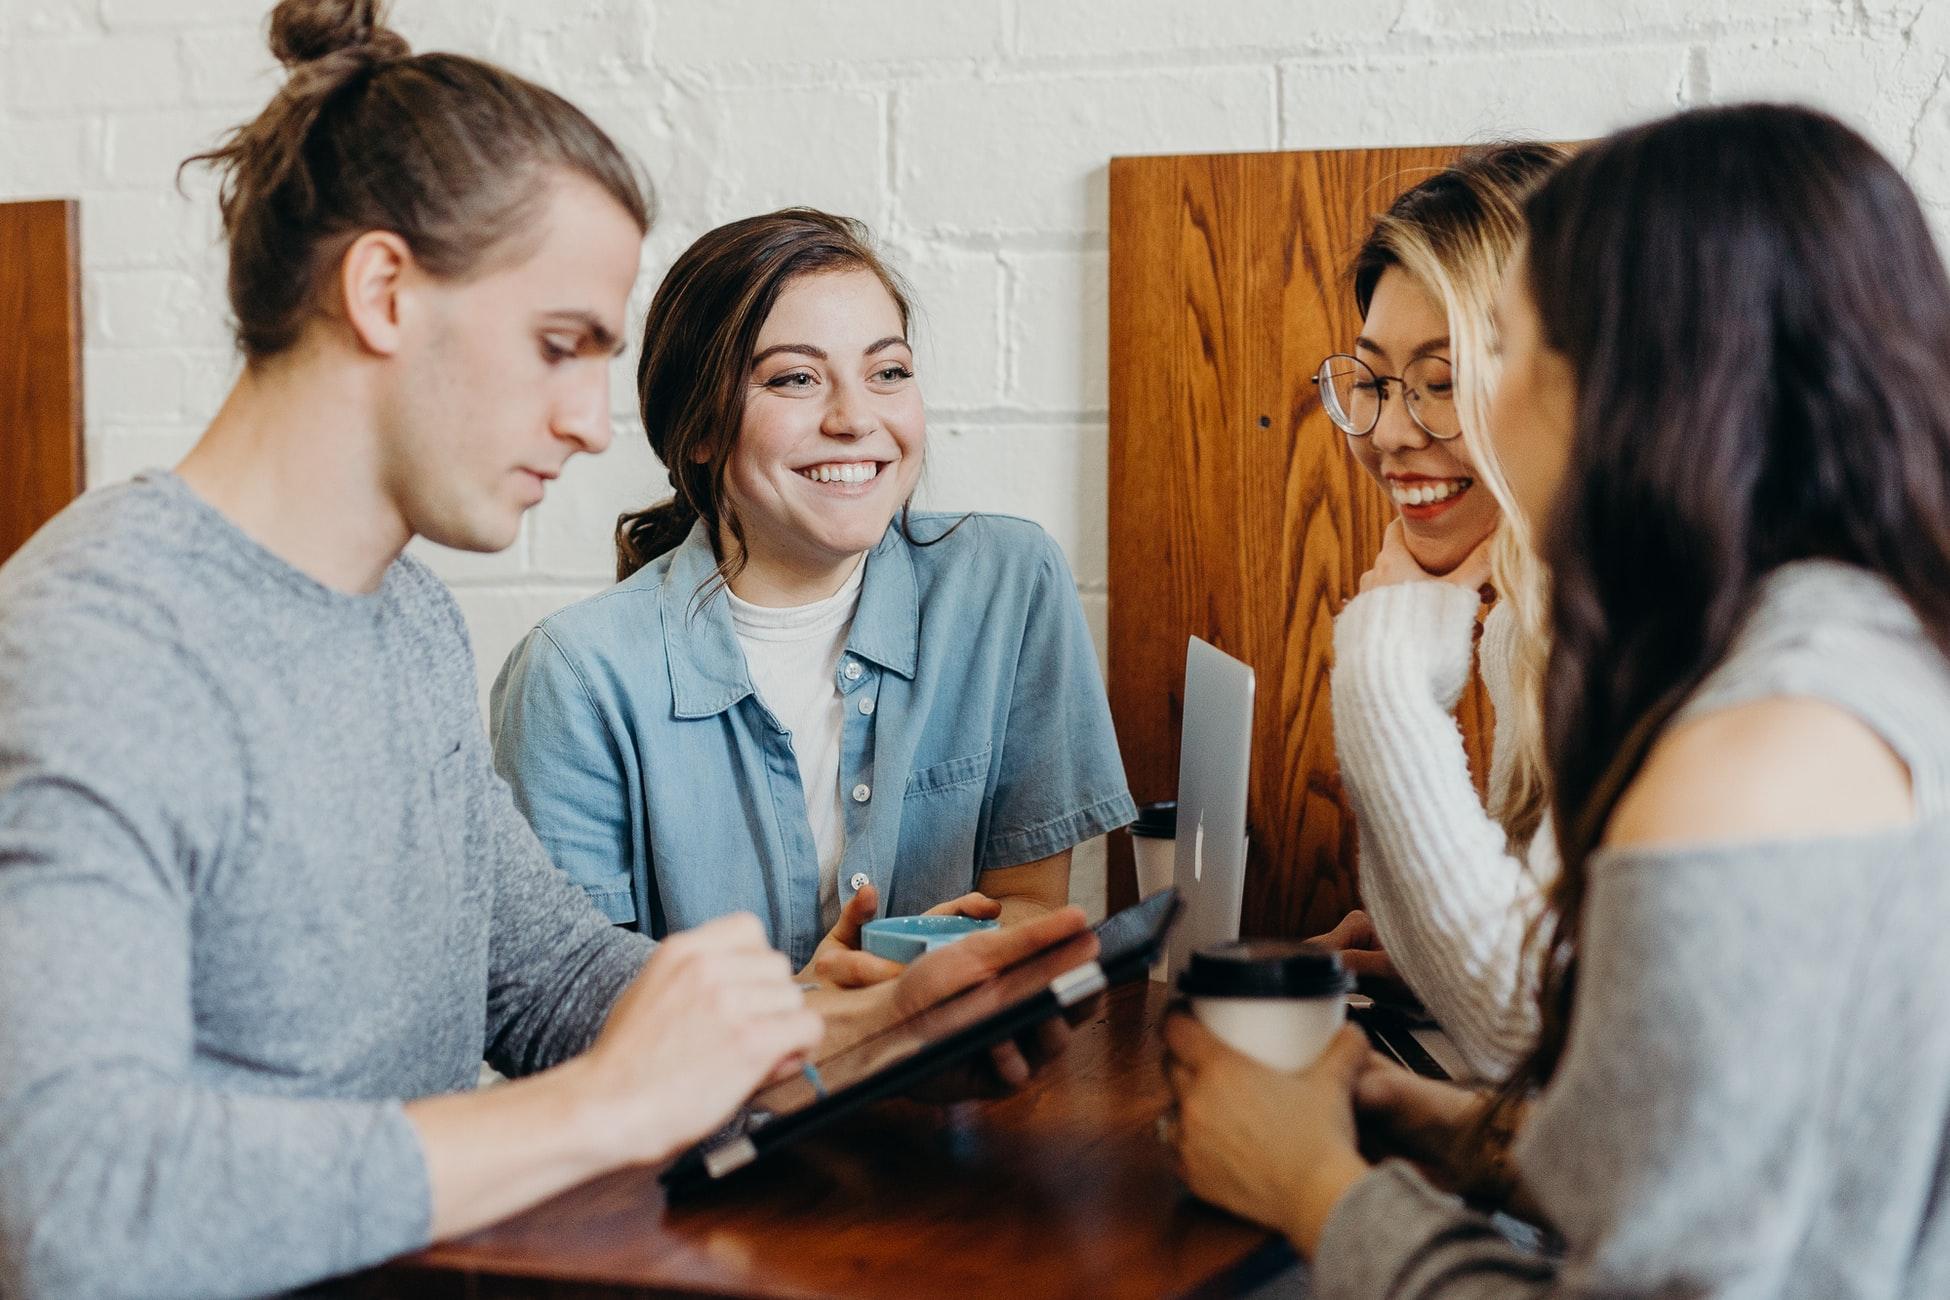 Auf dem Bild sind vier Jugendliche zu sehen, die miteinander reden und Ideen austauschen.